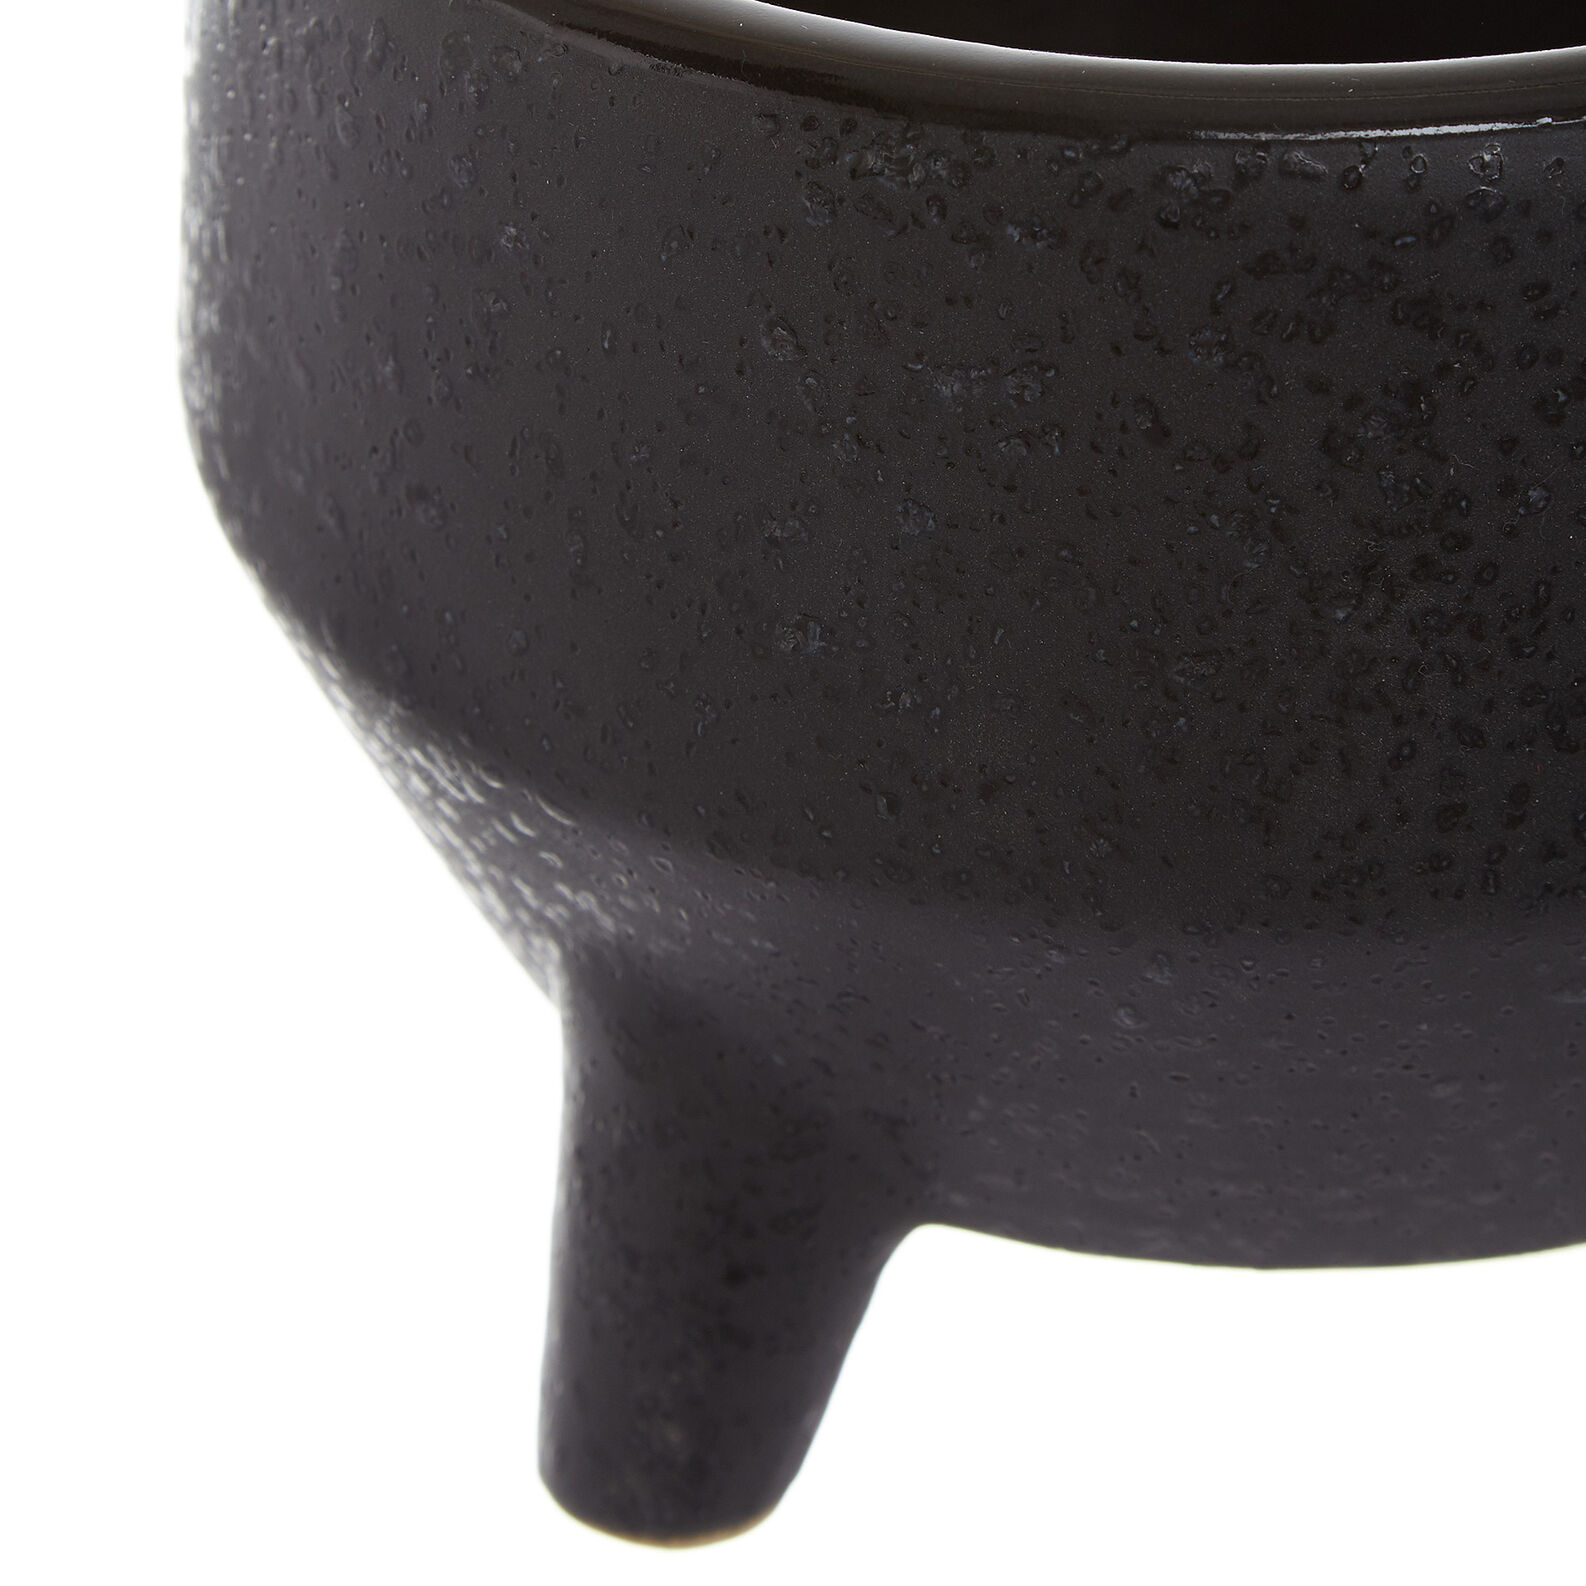 Handmade ceramic cachepot